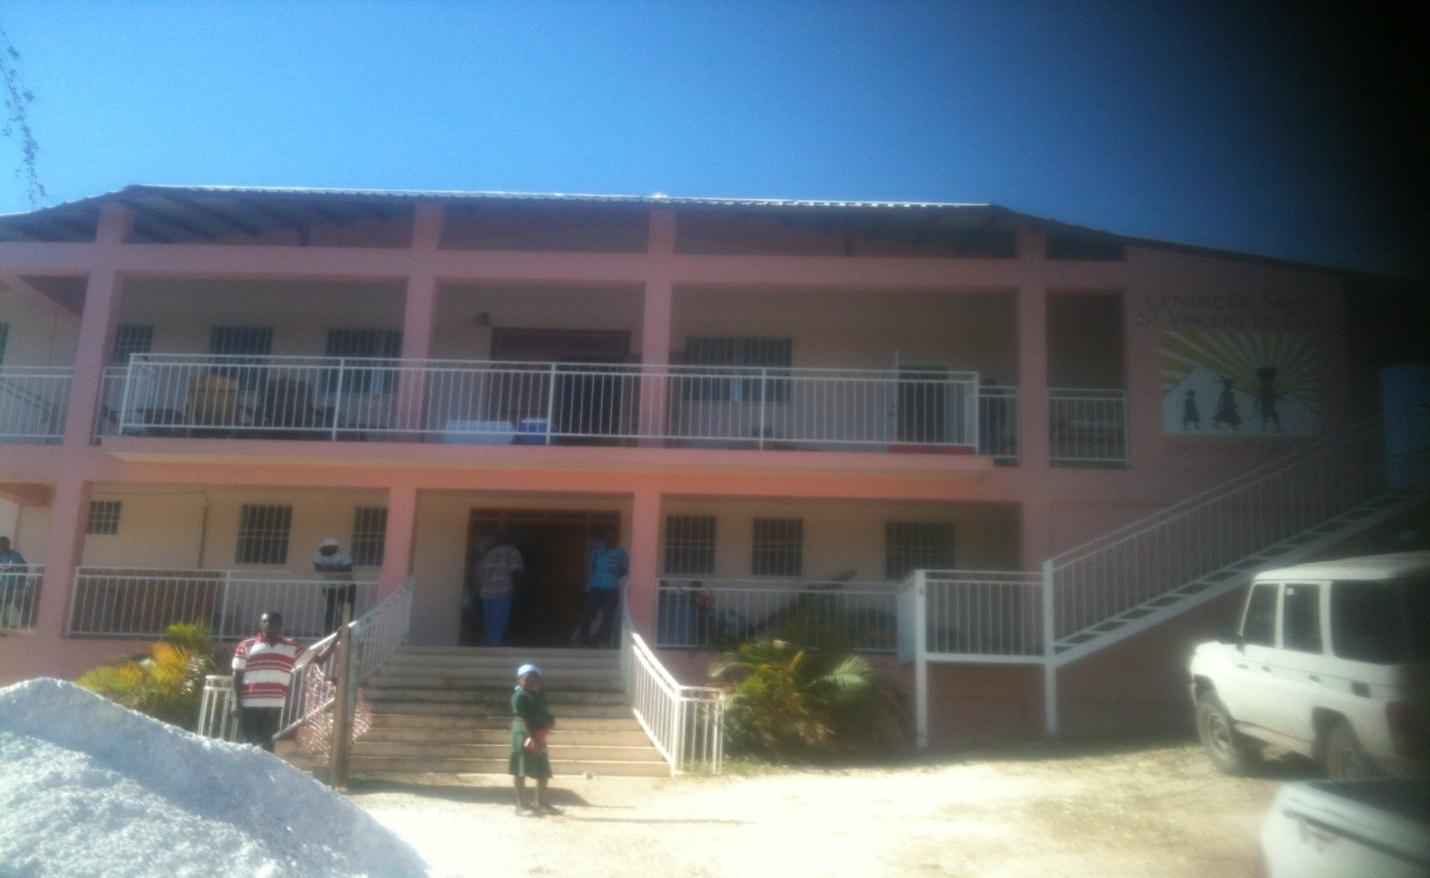 Outside view of Clinique St. Vincent de Paul